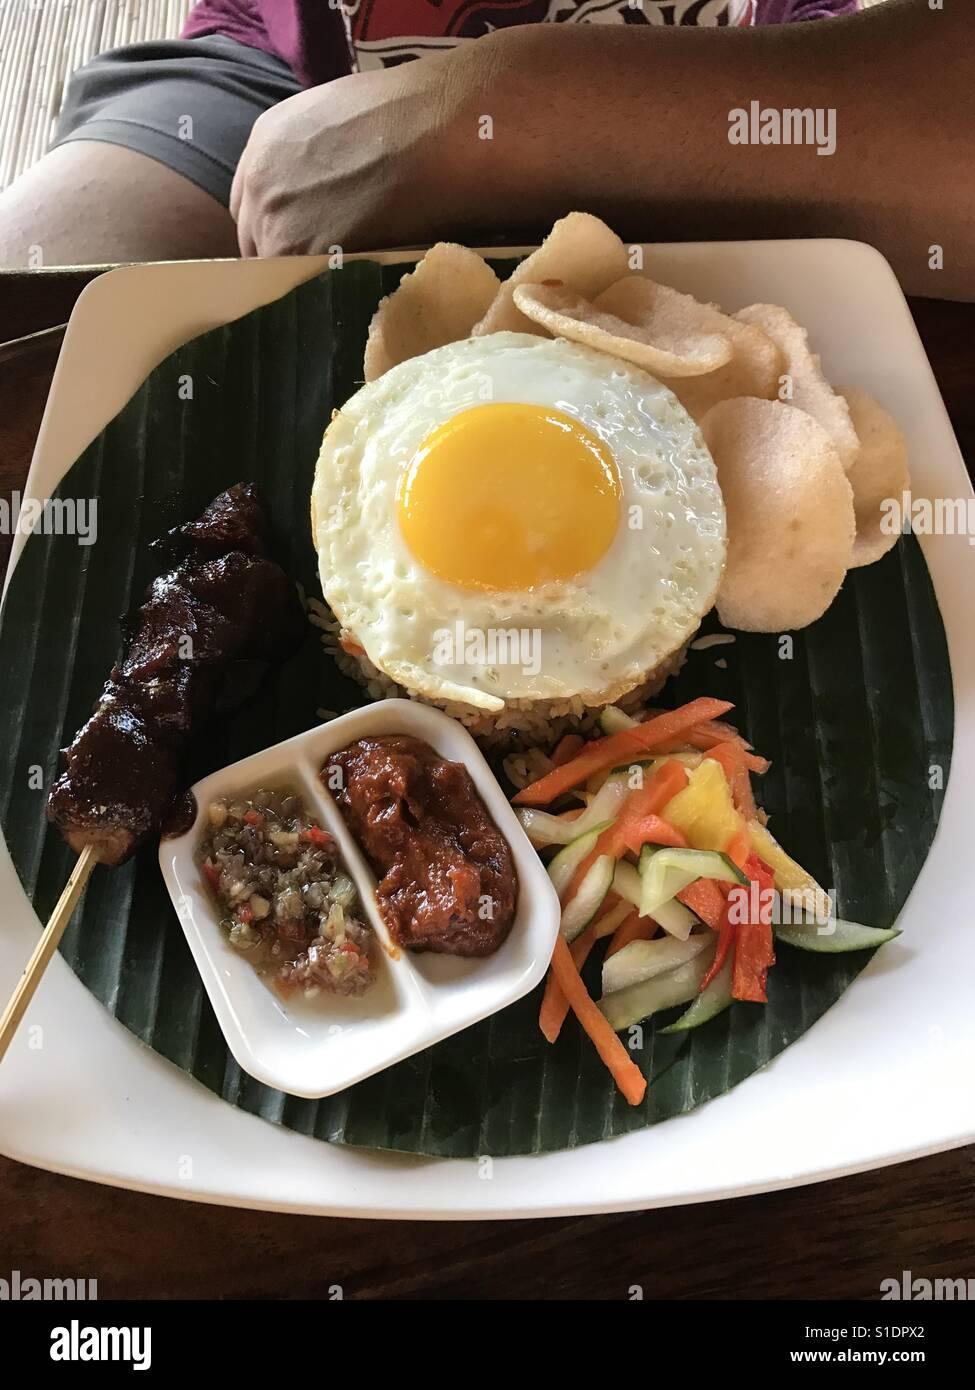 Balinesische Küche | Traditionelle Balinesische Kuche Stockfoto Bild 310704634 Alamy